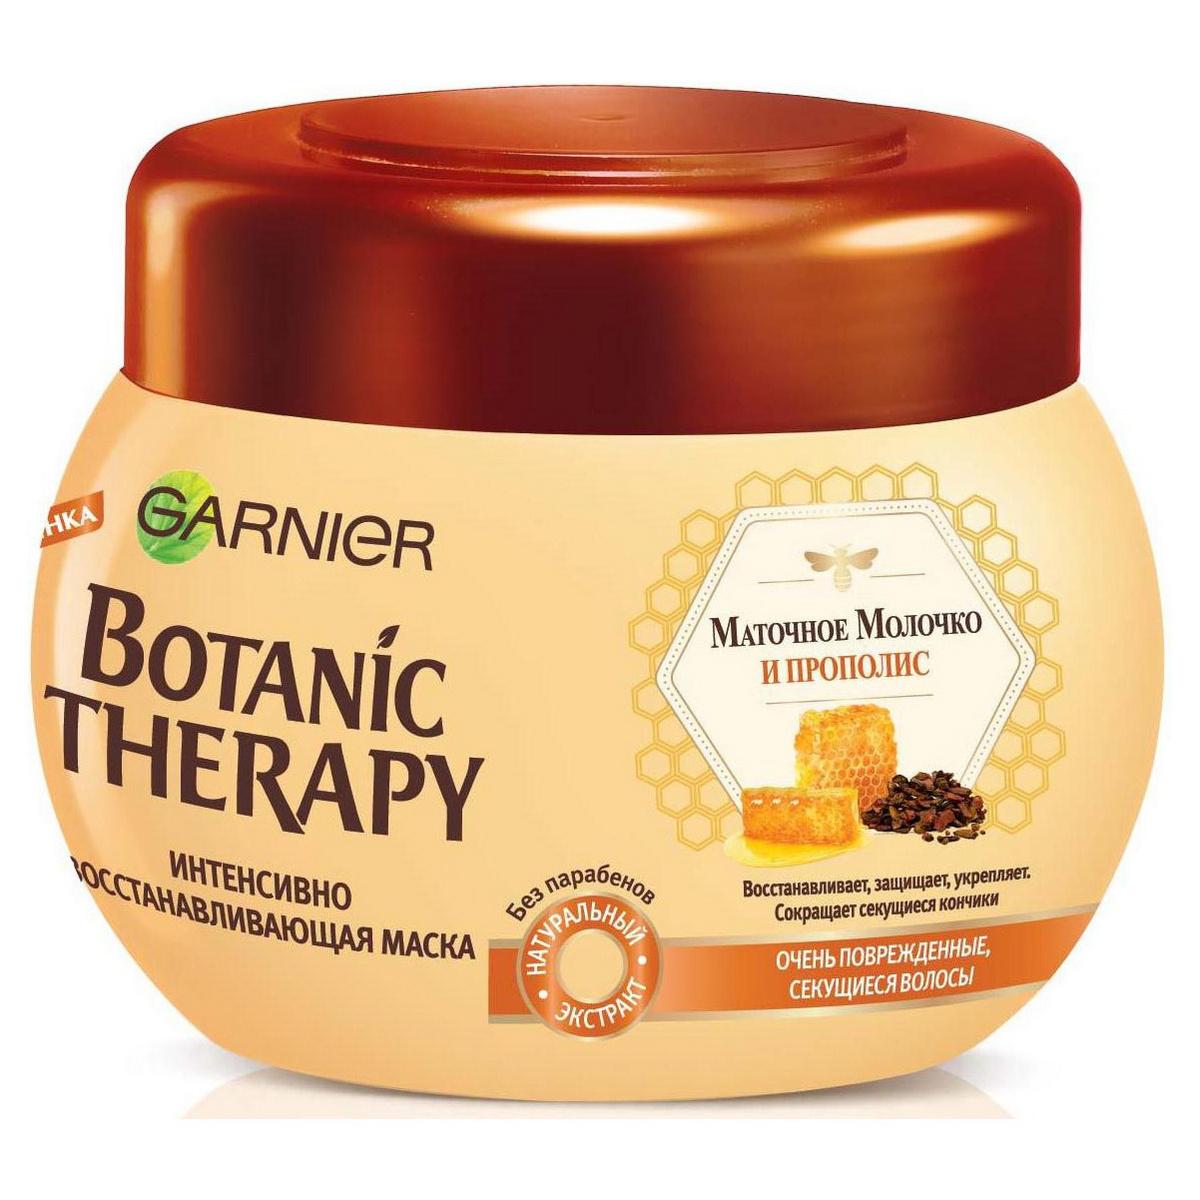 Маска для волос Garnier Botanic Therapy Прополис и маточное молочко 300 мл